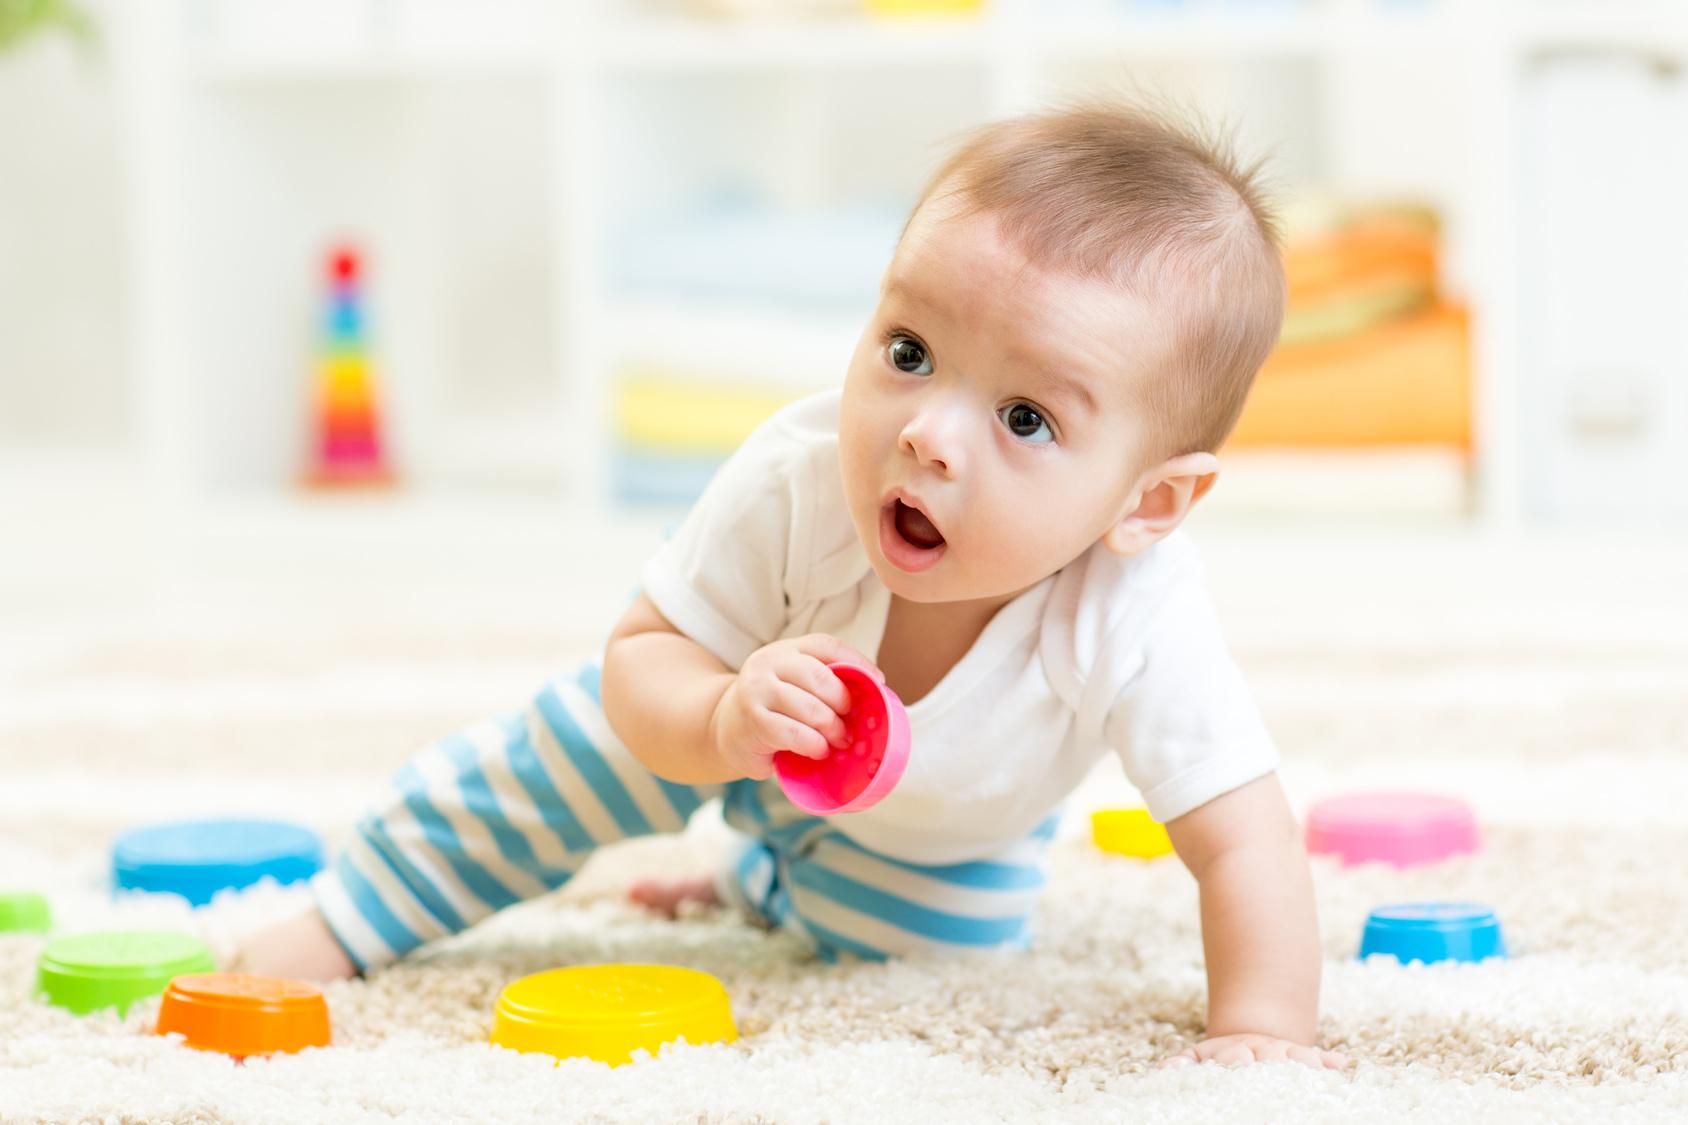 Idées De Jeux Pour Les Bébés- Laithicia Adam - Nanny Secours concernant Jeux Pour Bébé 2 Ans